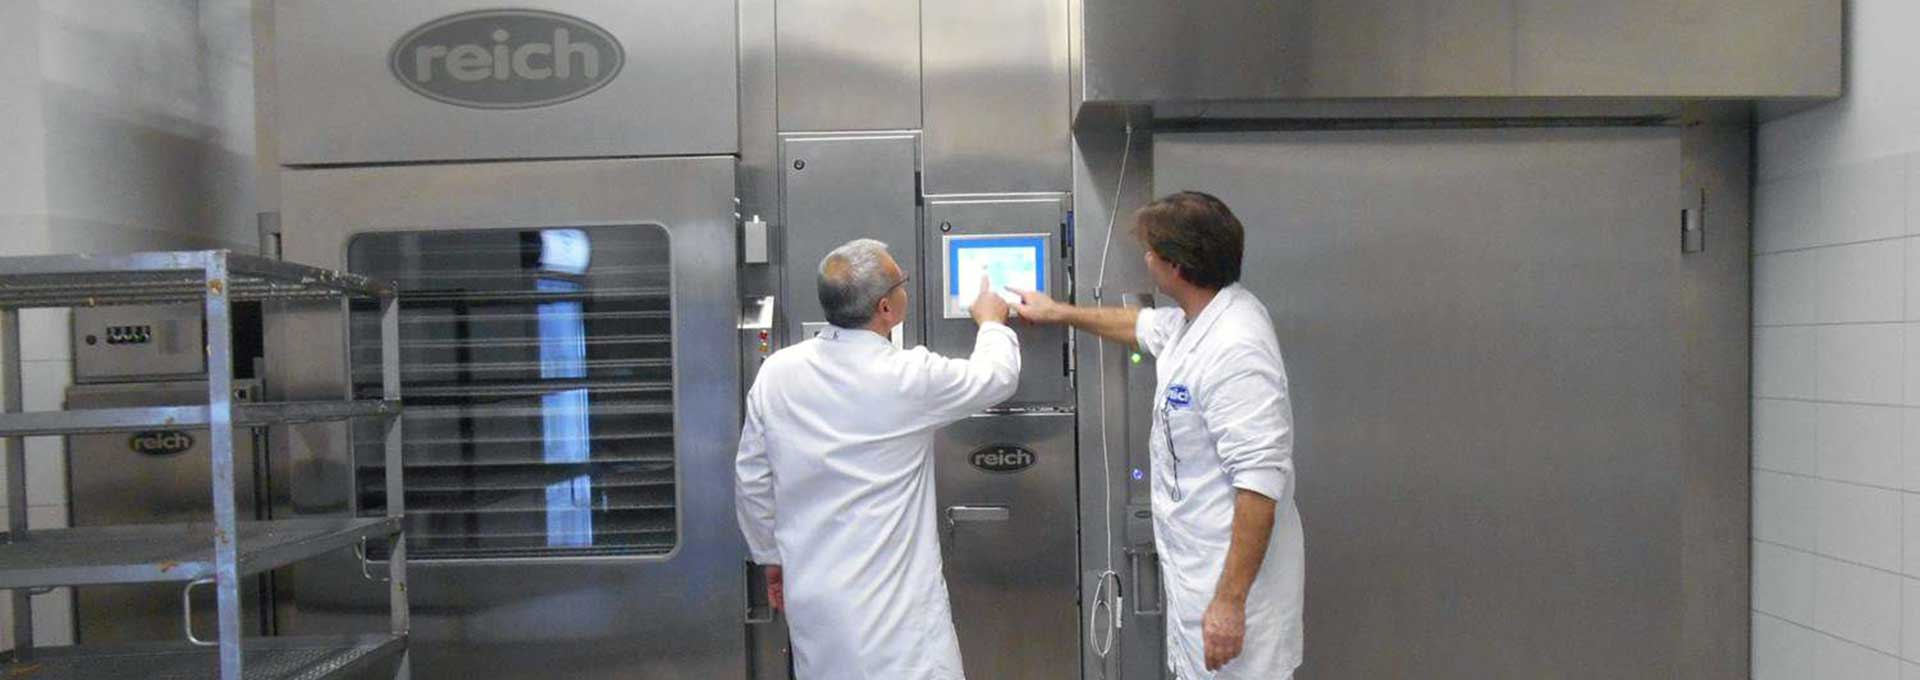 Решения для обработки веганских и вегетарианских пищевых продуктов